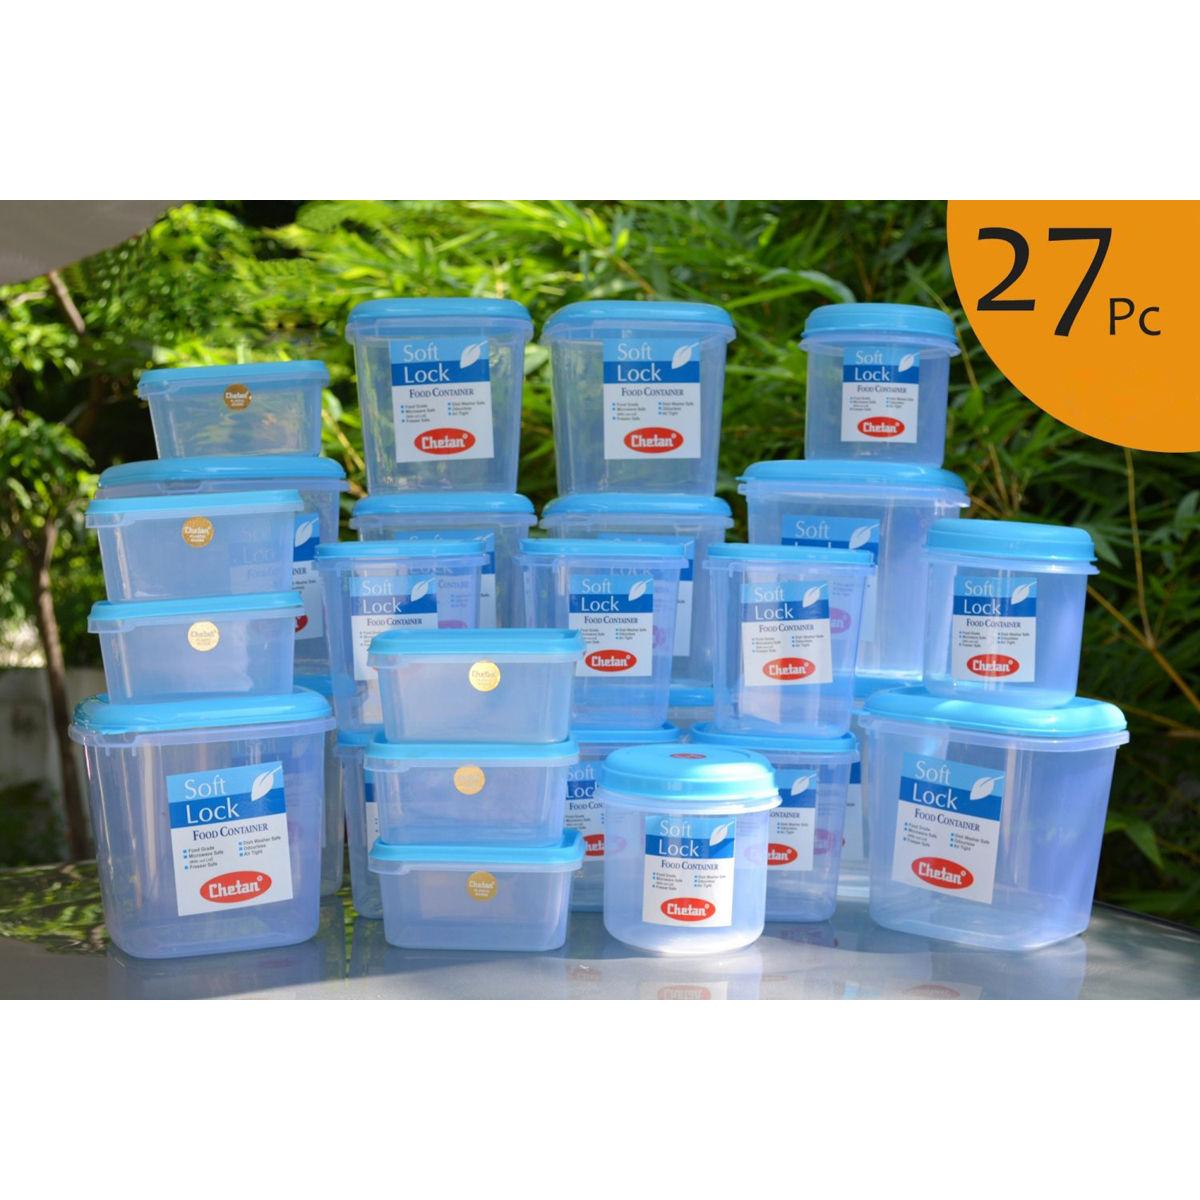 Buy chetan set of 27 pcs plastic airtight kitchen storage for Kitchen set naaptol